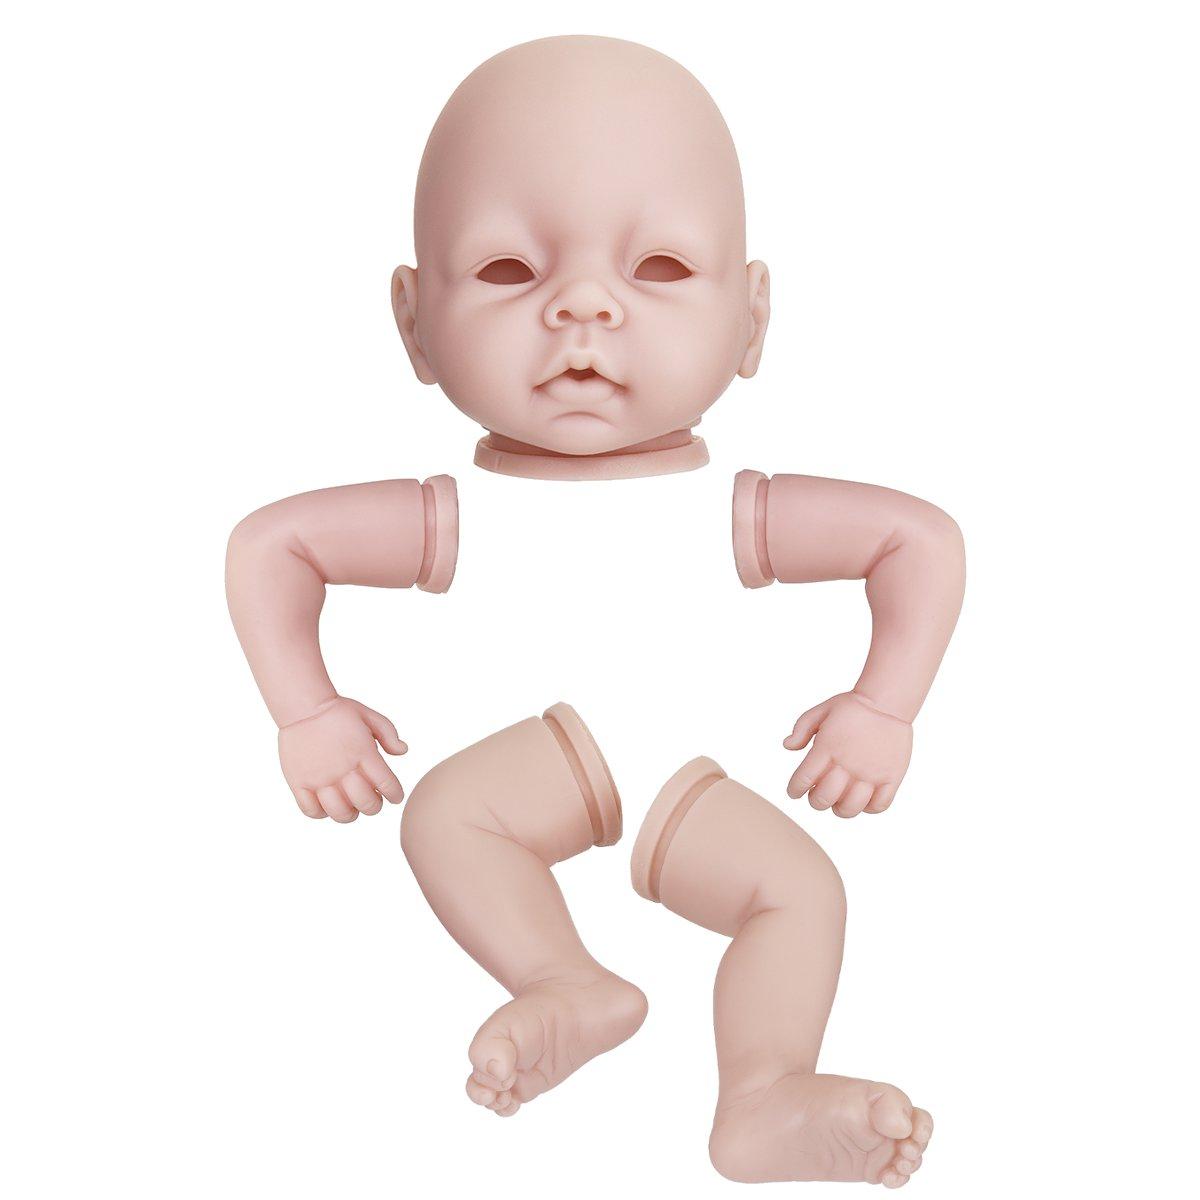 22 Inch Reborn Doll Kit Unpainted Dolls Parts Head Arms Legs Mold Vinyl Unique